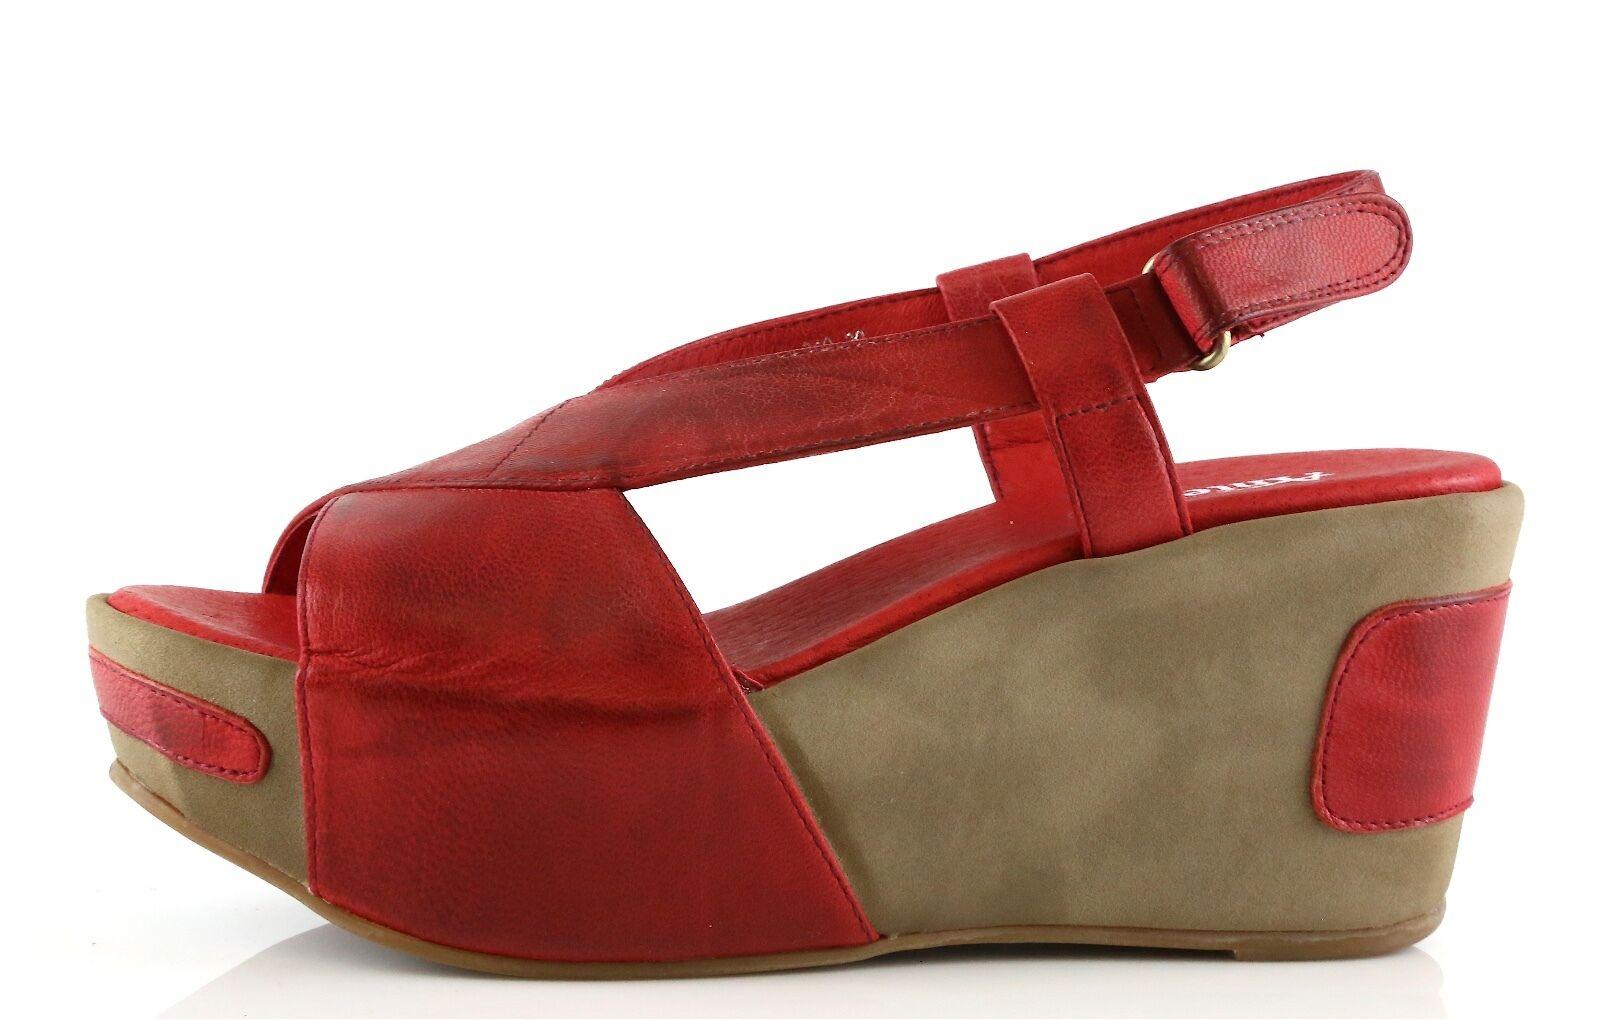 Antílope Mujer Sandalias de cuña de cuero rojo 3253 3253 3253 Talla 37  nuevo  de la UE  marca famosa